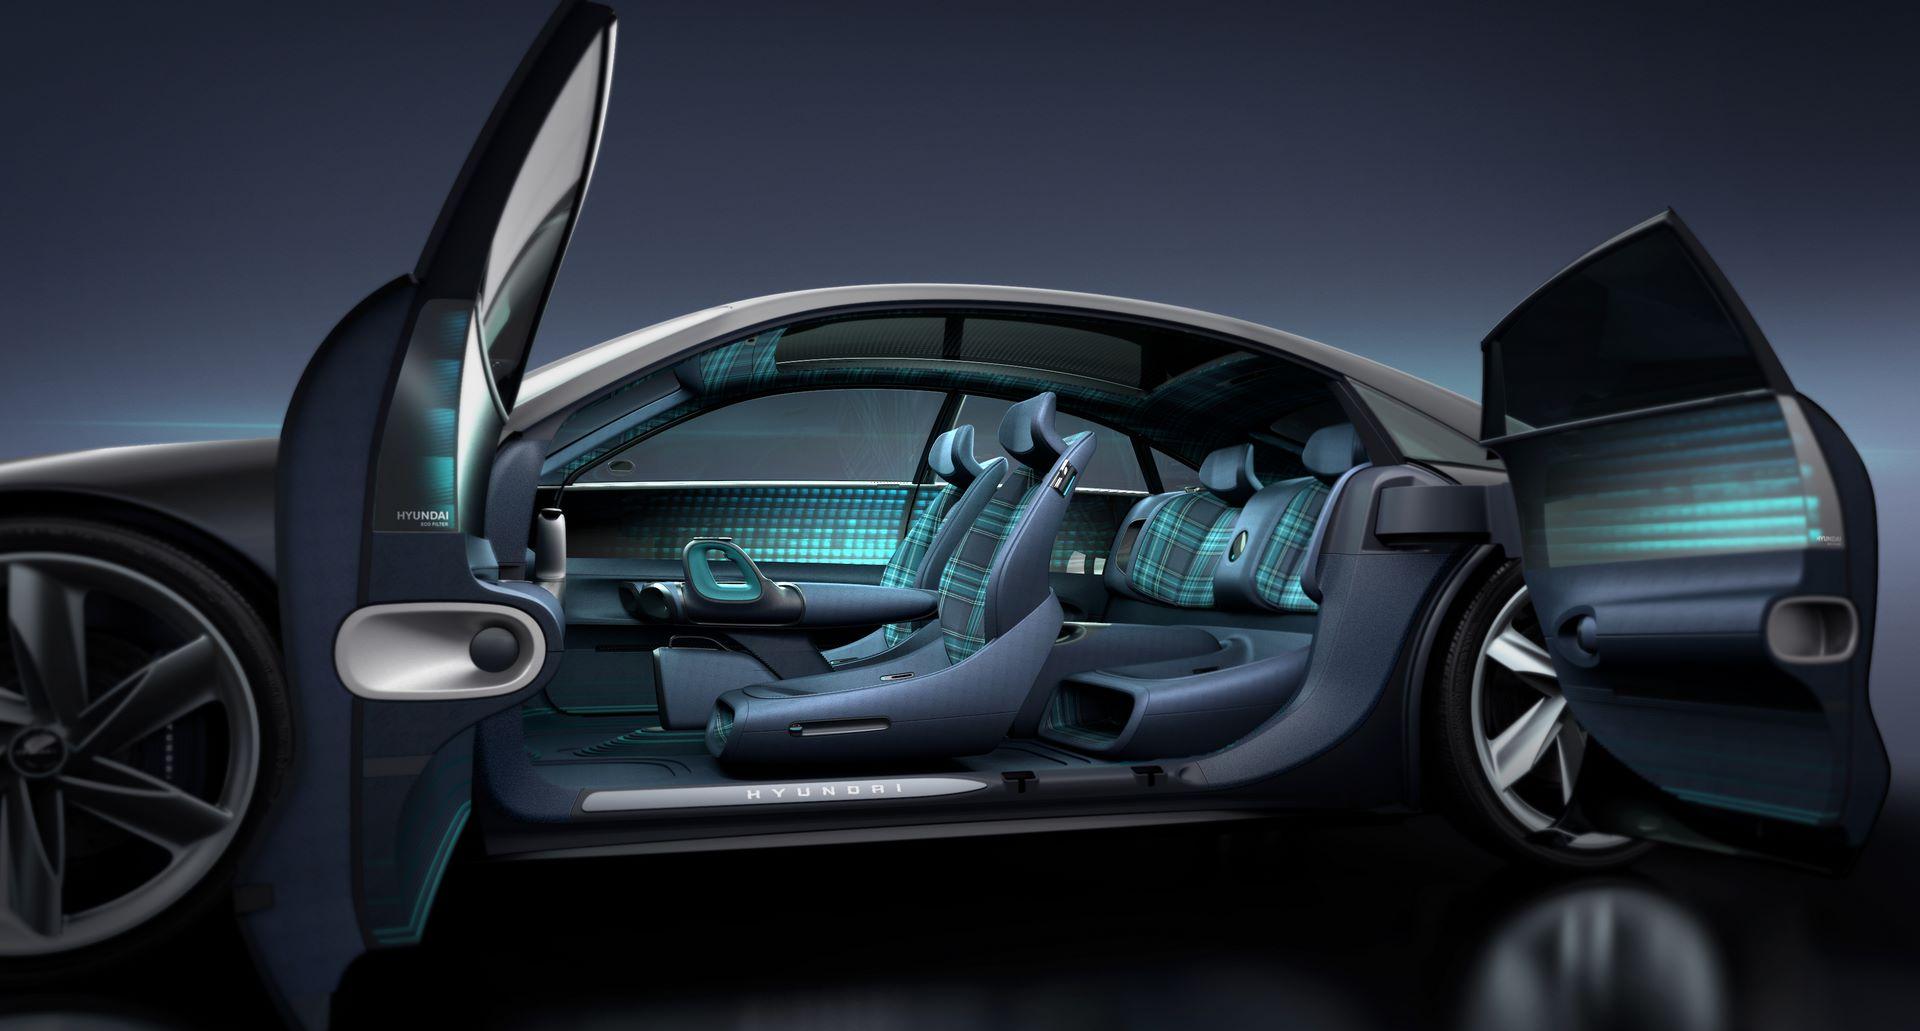 Hyundai-Prophecy-Concept-6